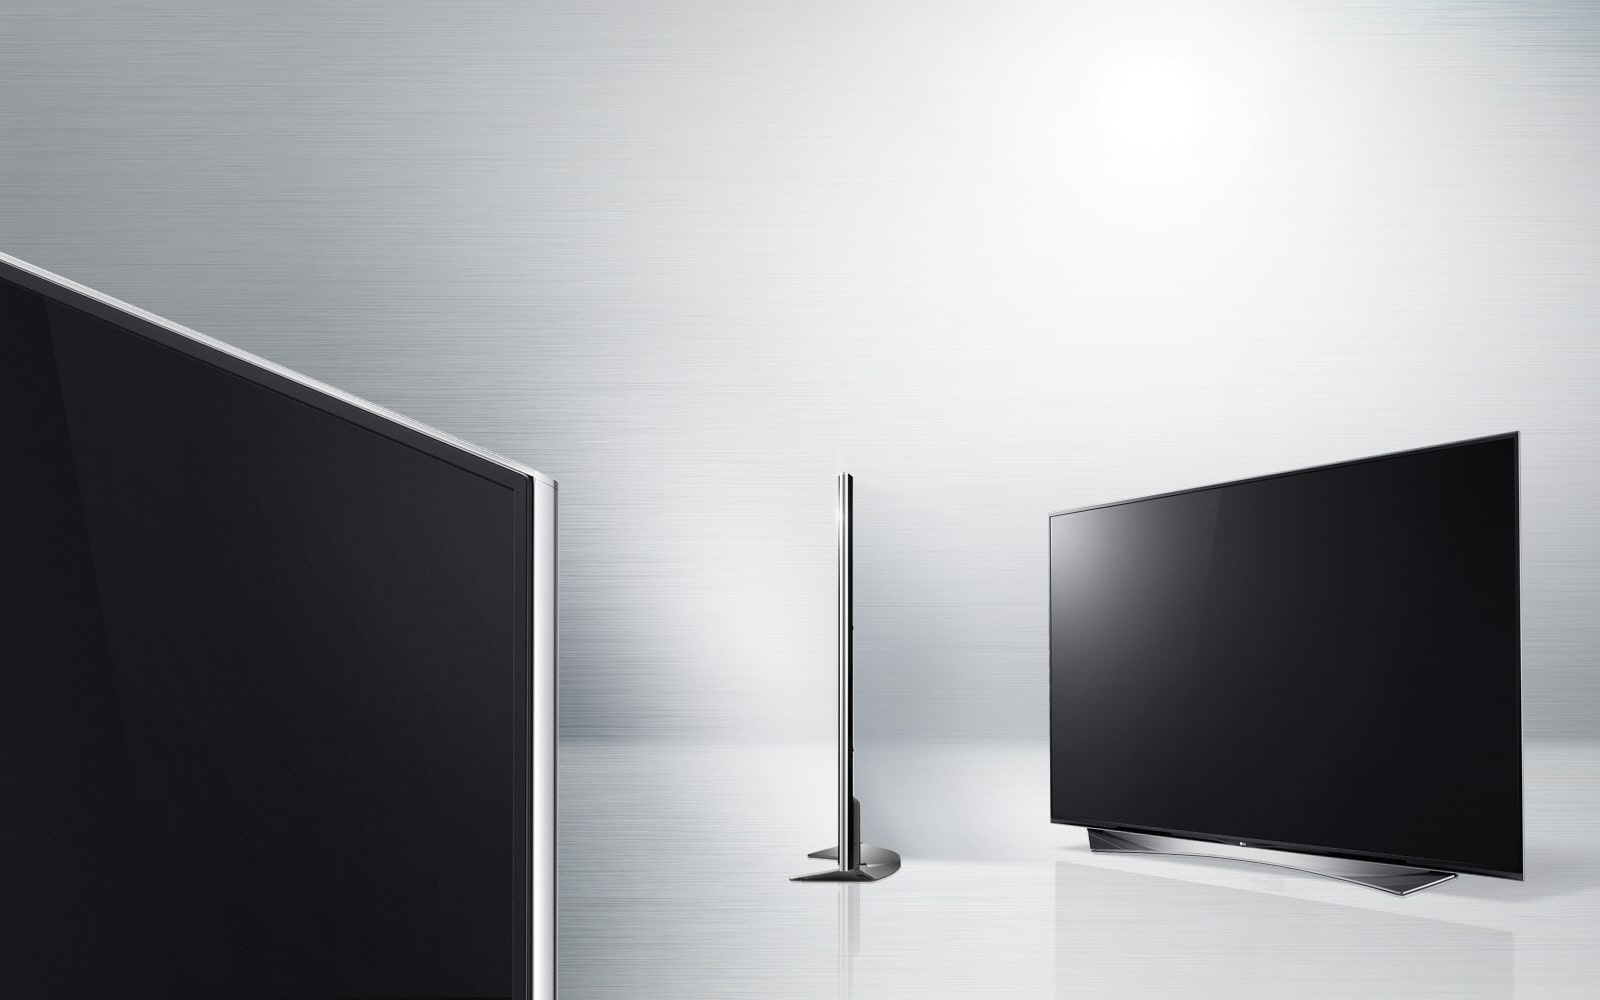 09_SuperUHD_Feature_Design_UH9530_Desktop